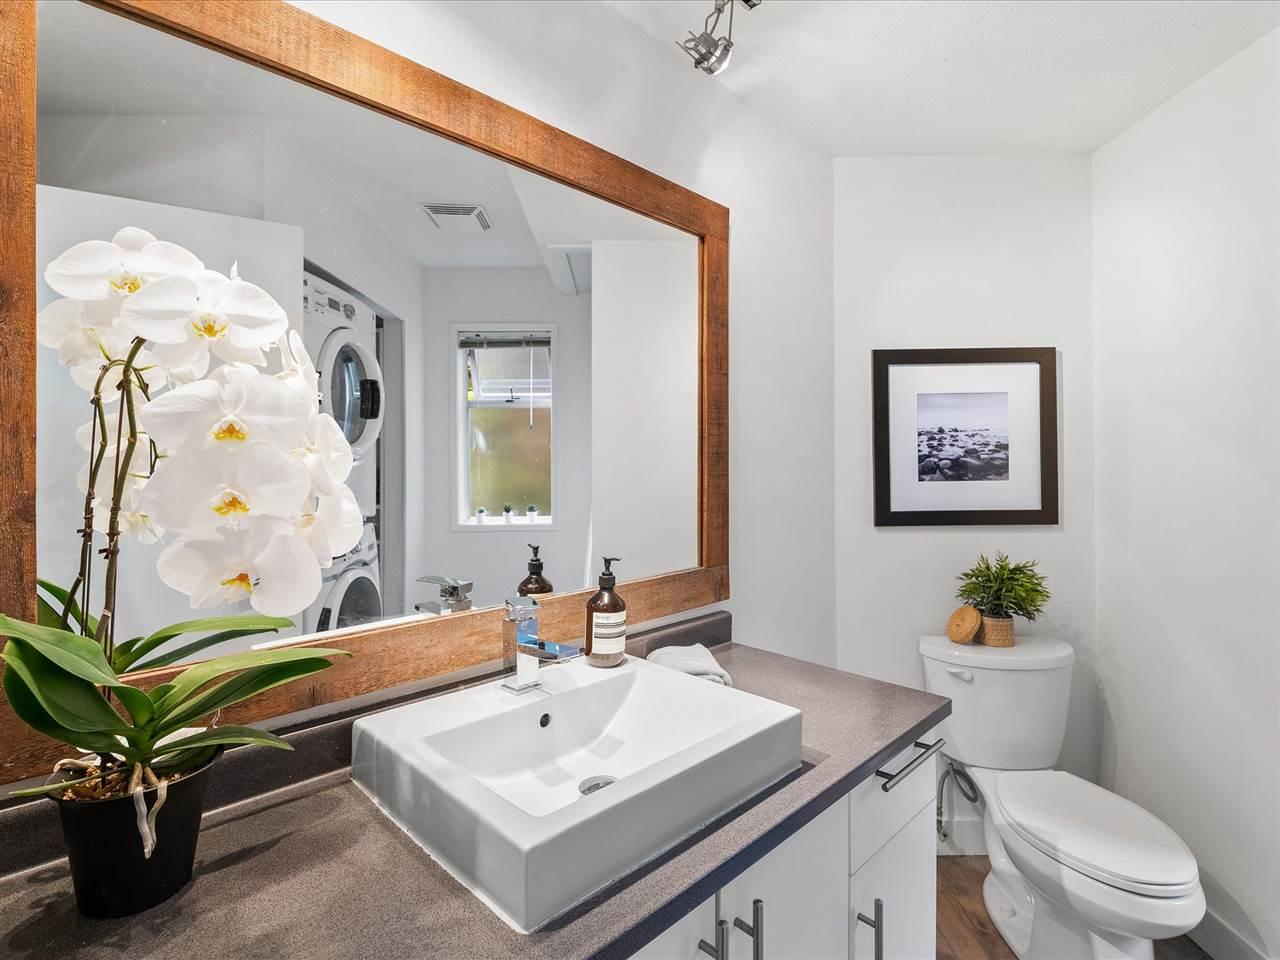 72 2222 BRANDYWINE WAY - Bayshores 1/2 Duplex for sale, 3 Bedrooms (R2591139) - #14